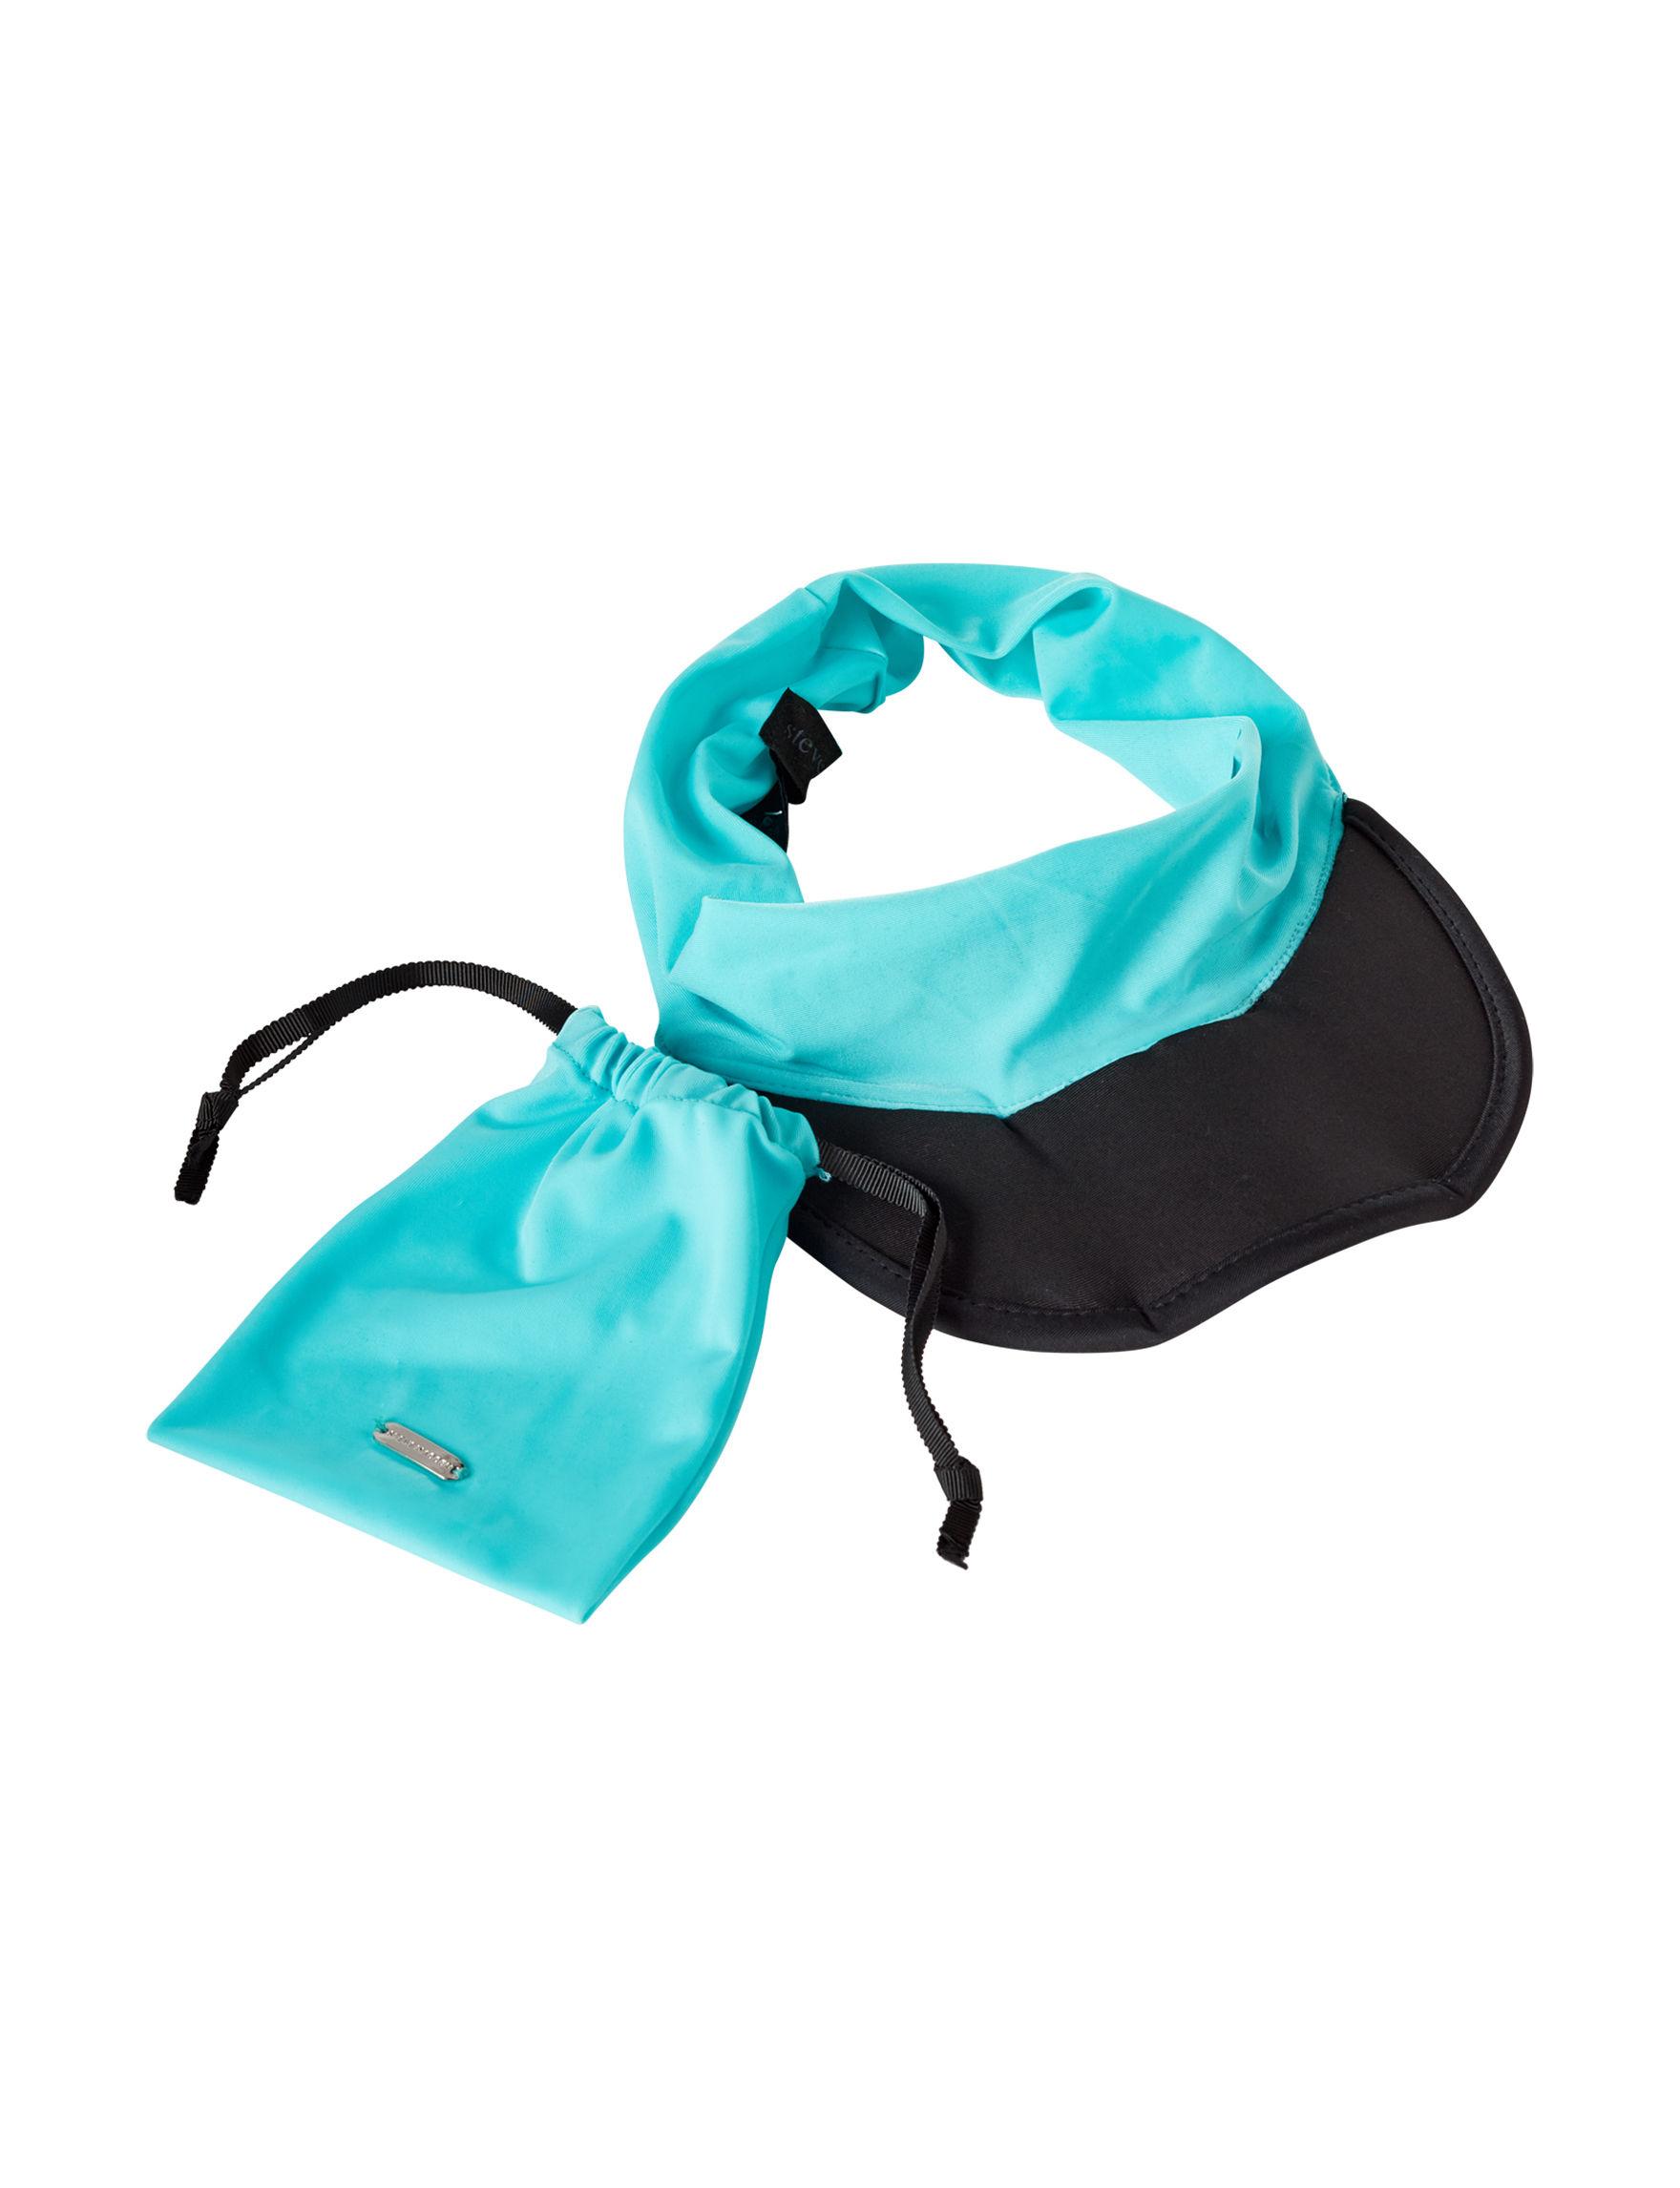 Steve Madden Turquoise Hats & Headwear